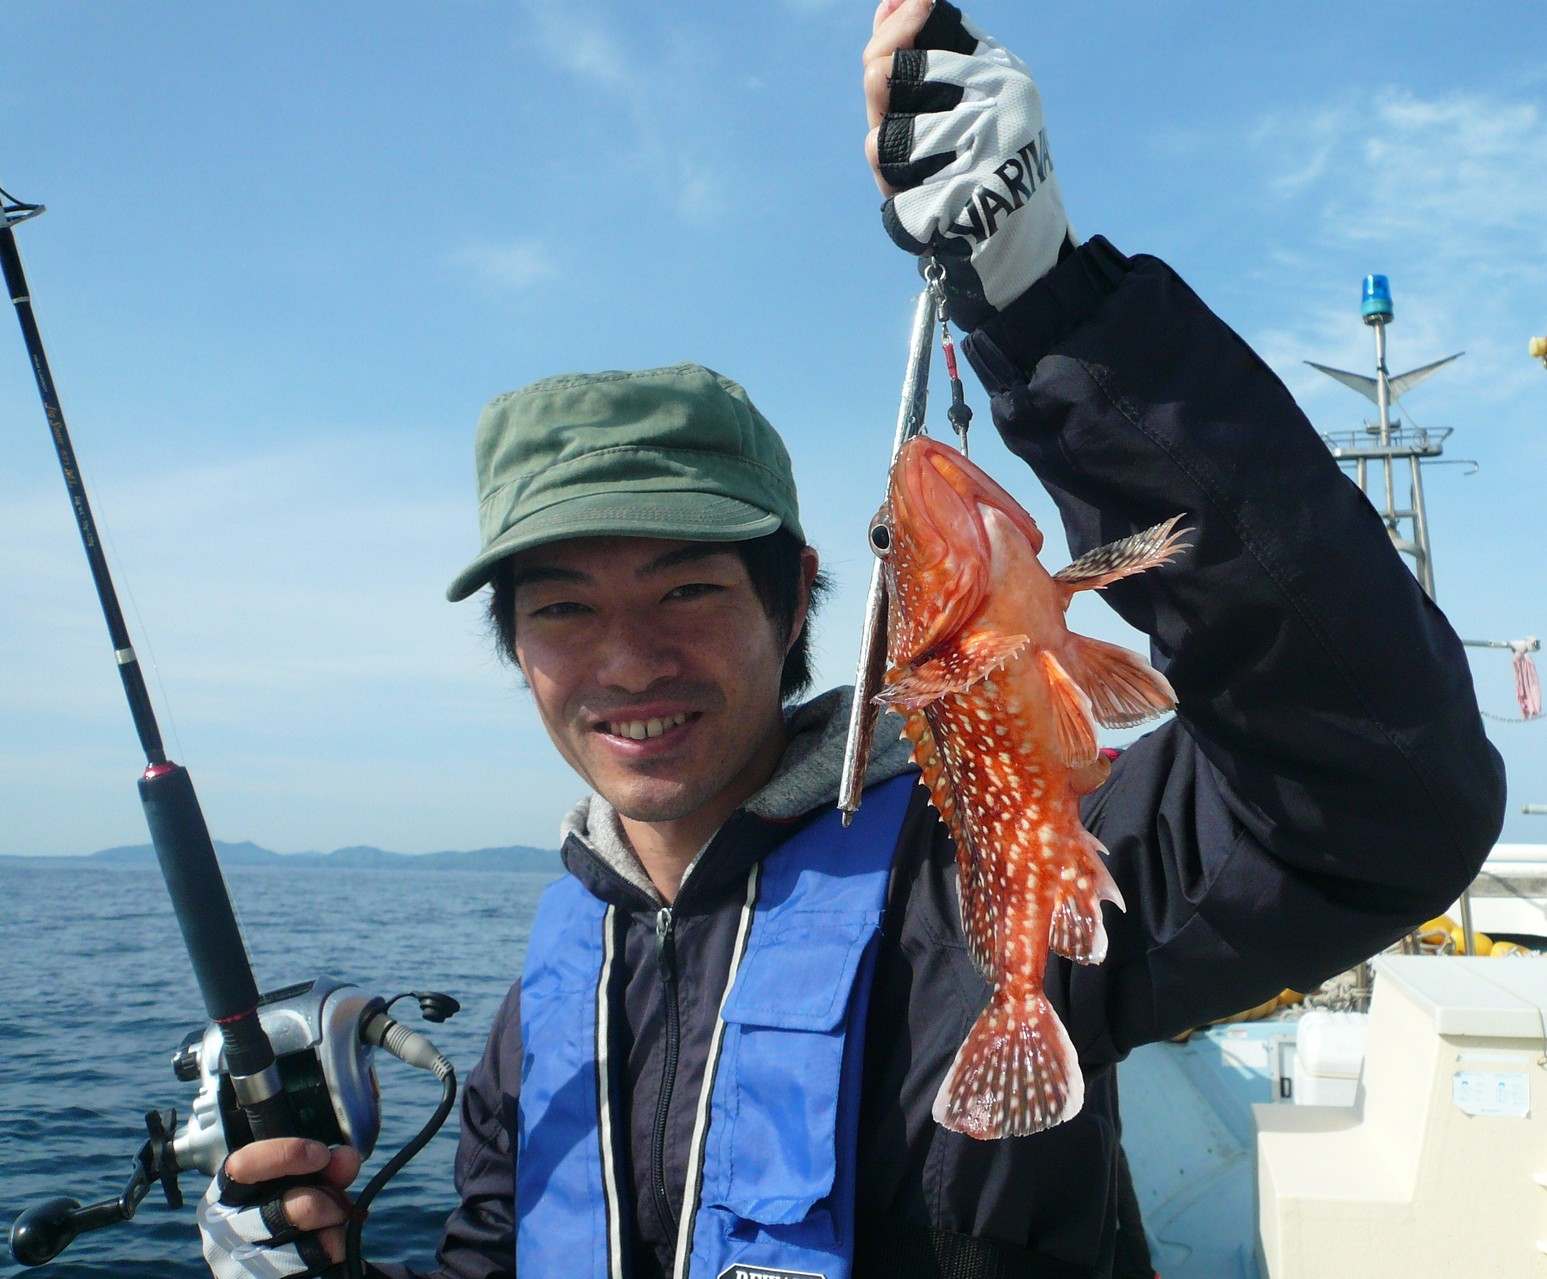 5月4日 バケモン(タイ釣り場)ポイント 福田さんもアラカブゲット